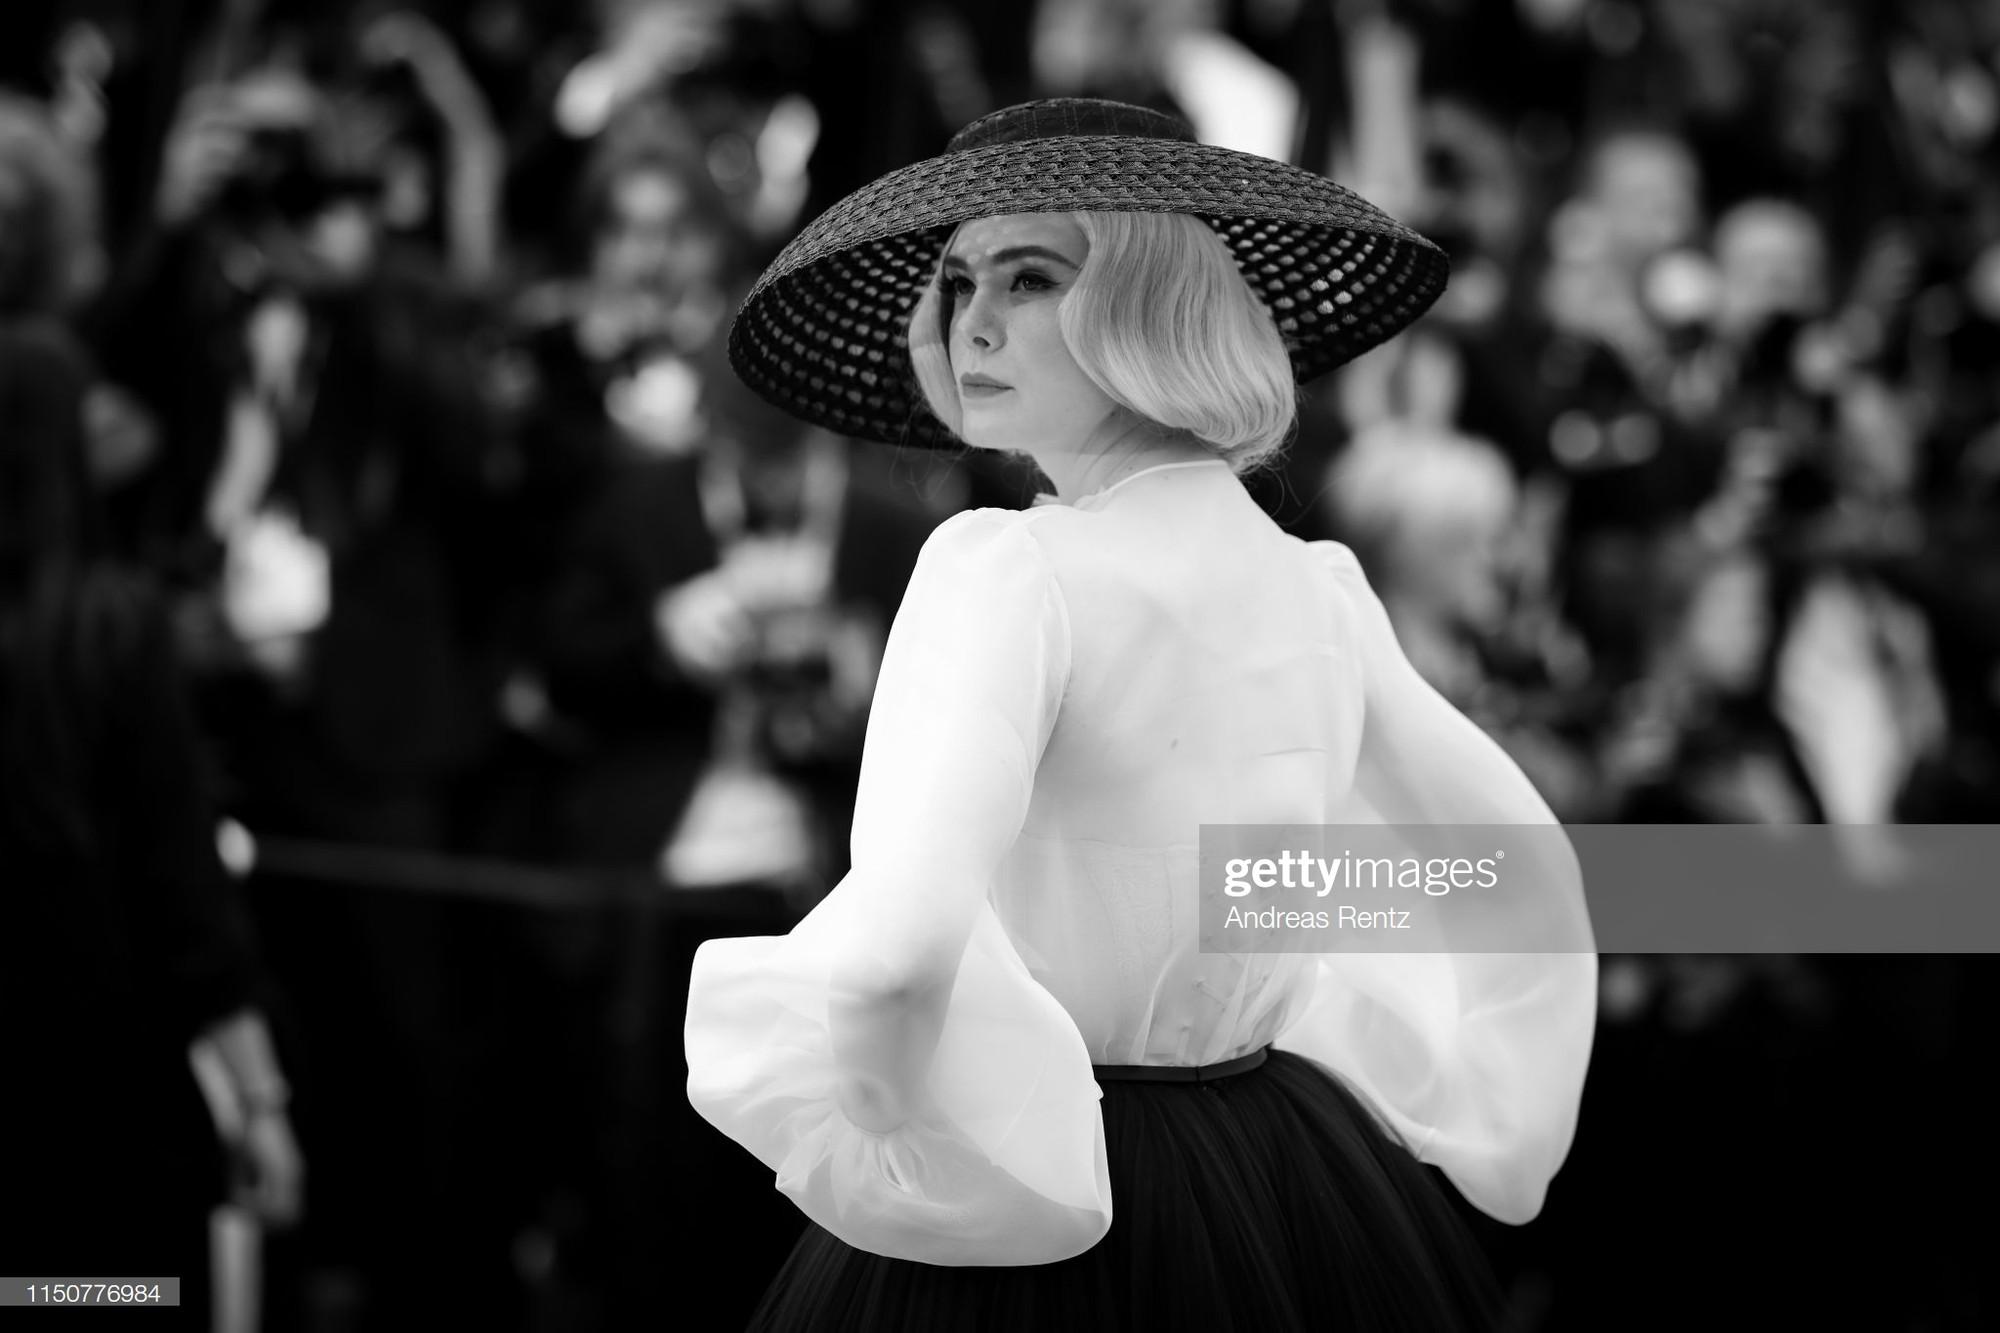 Top khoảnh khắc đắt giá nhất Cannes 2019: Dàn mỹ nhân 9X bất ngờ chiếm đa số, Selena và cặp đôi Brooklyn ấn tượng mạnh - Ảnh 13.